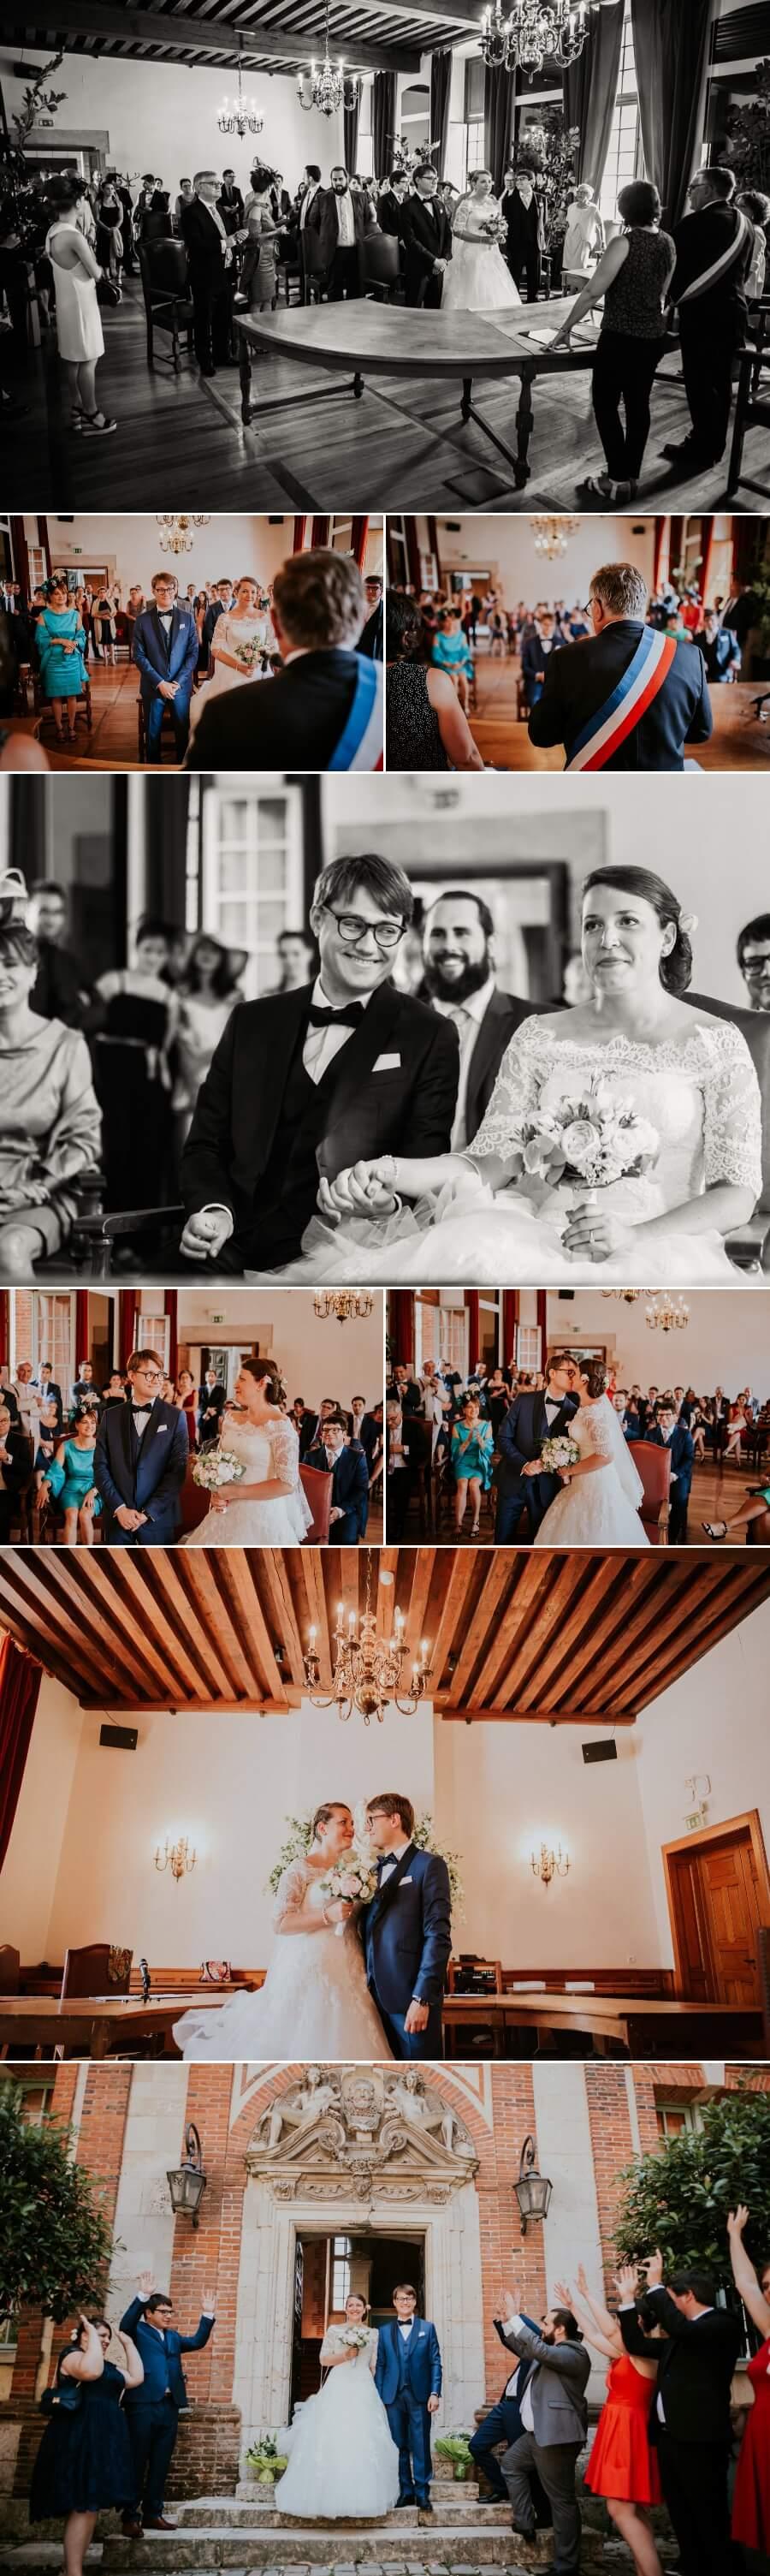 reportage photo de mariage mairie de Chartres Eure et Loir